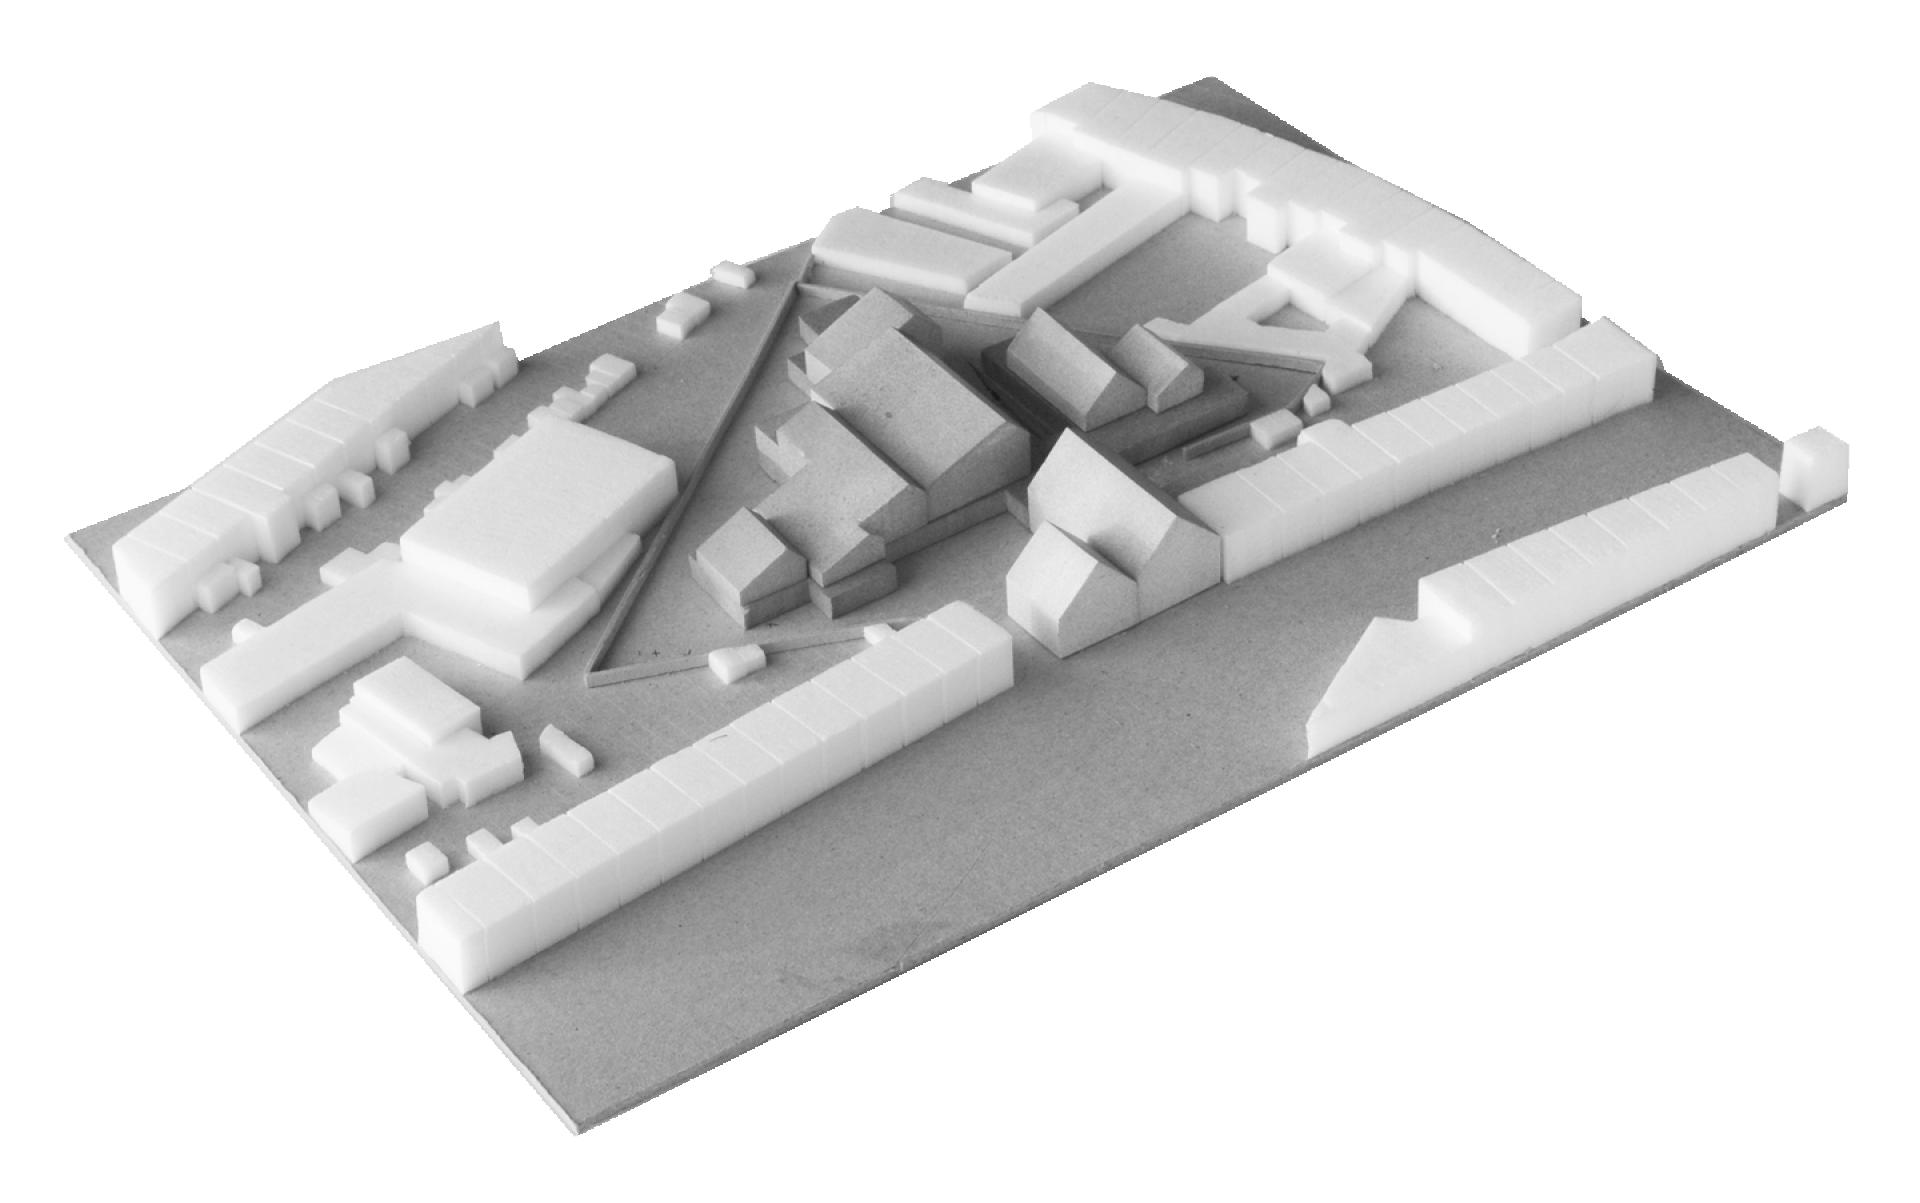 Lakbors Model 2